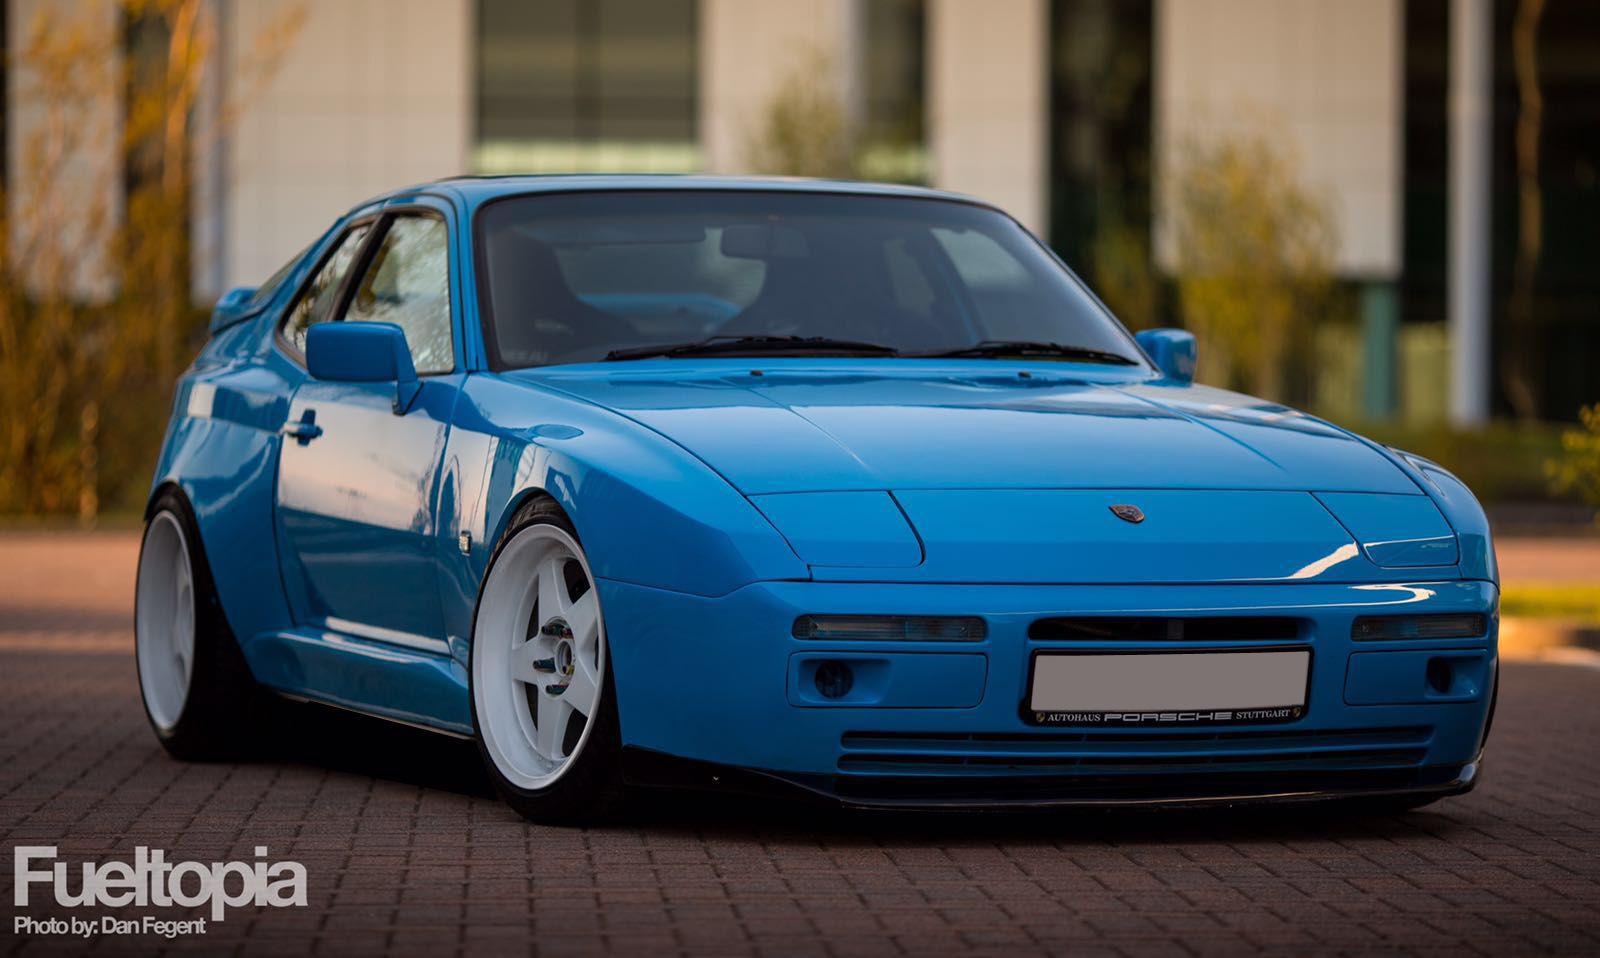 Porsche 944 S2 Riviera Blue Wide Body Modified 228 Bhp Japanese Styling Jdm Ebay Porsche 944 Porsche Porsche 924